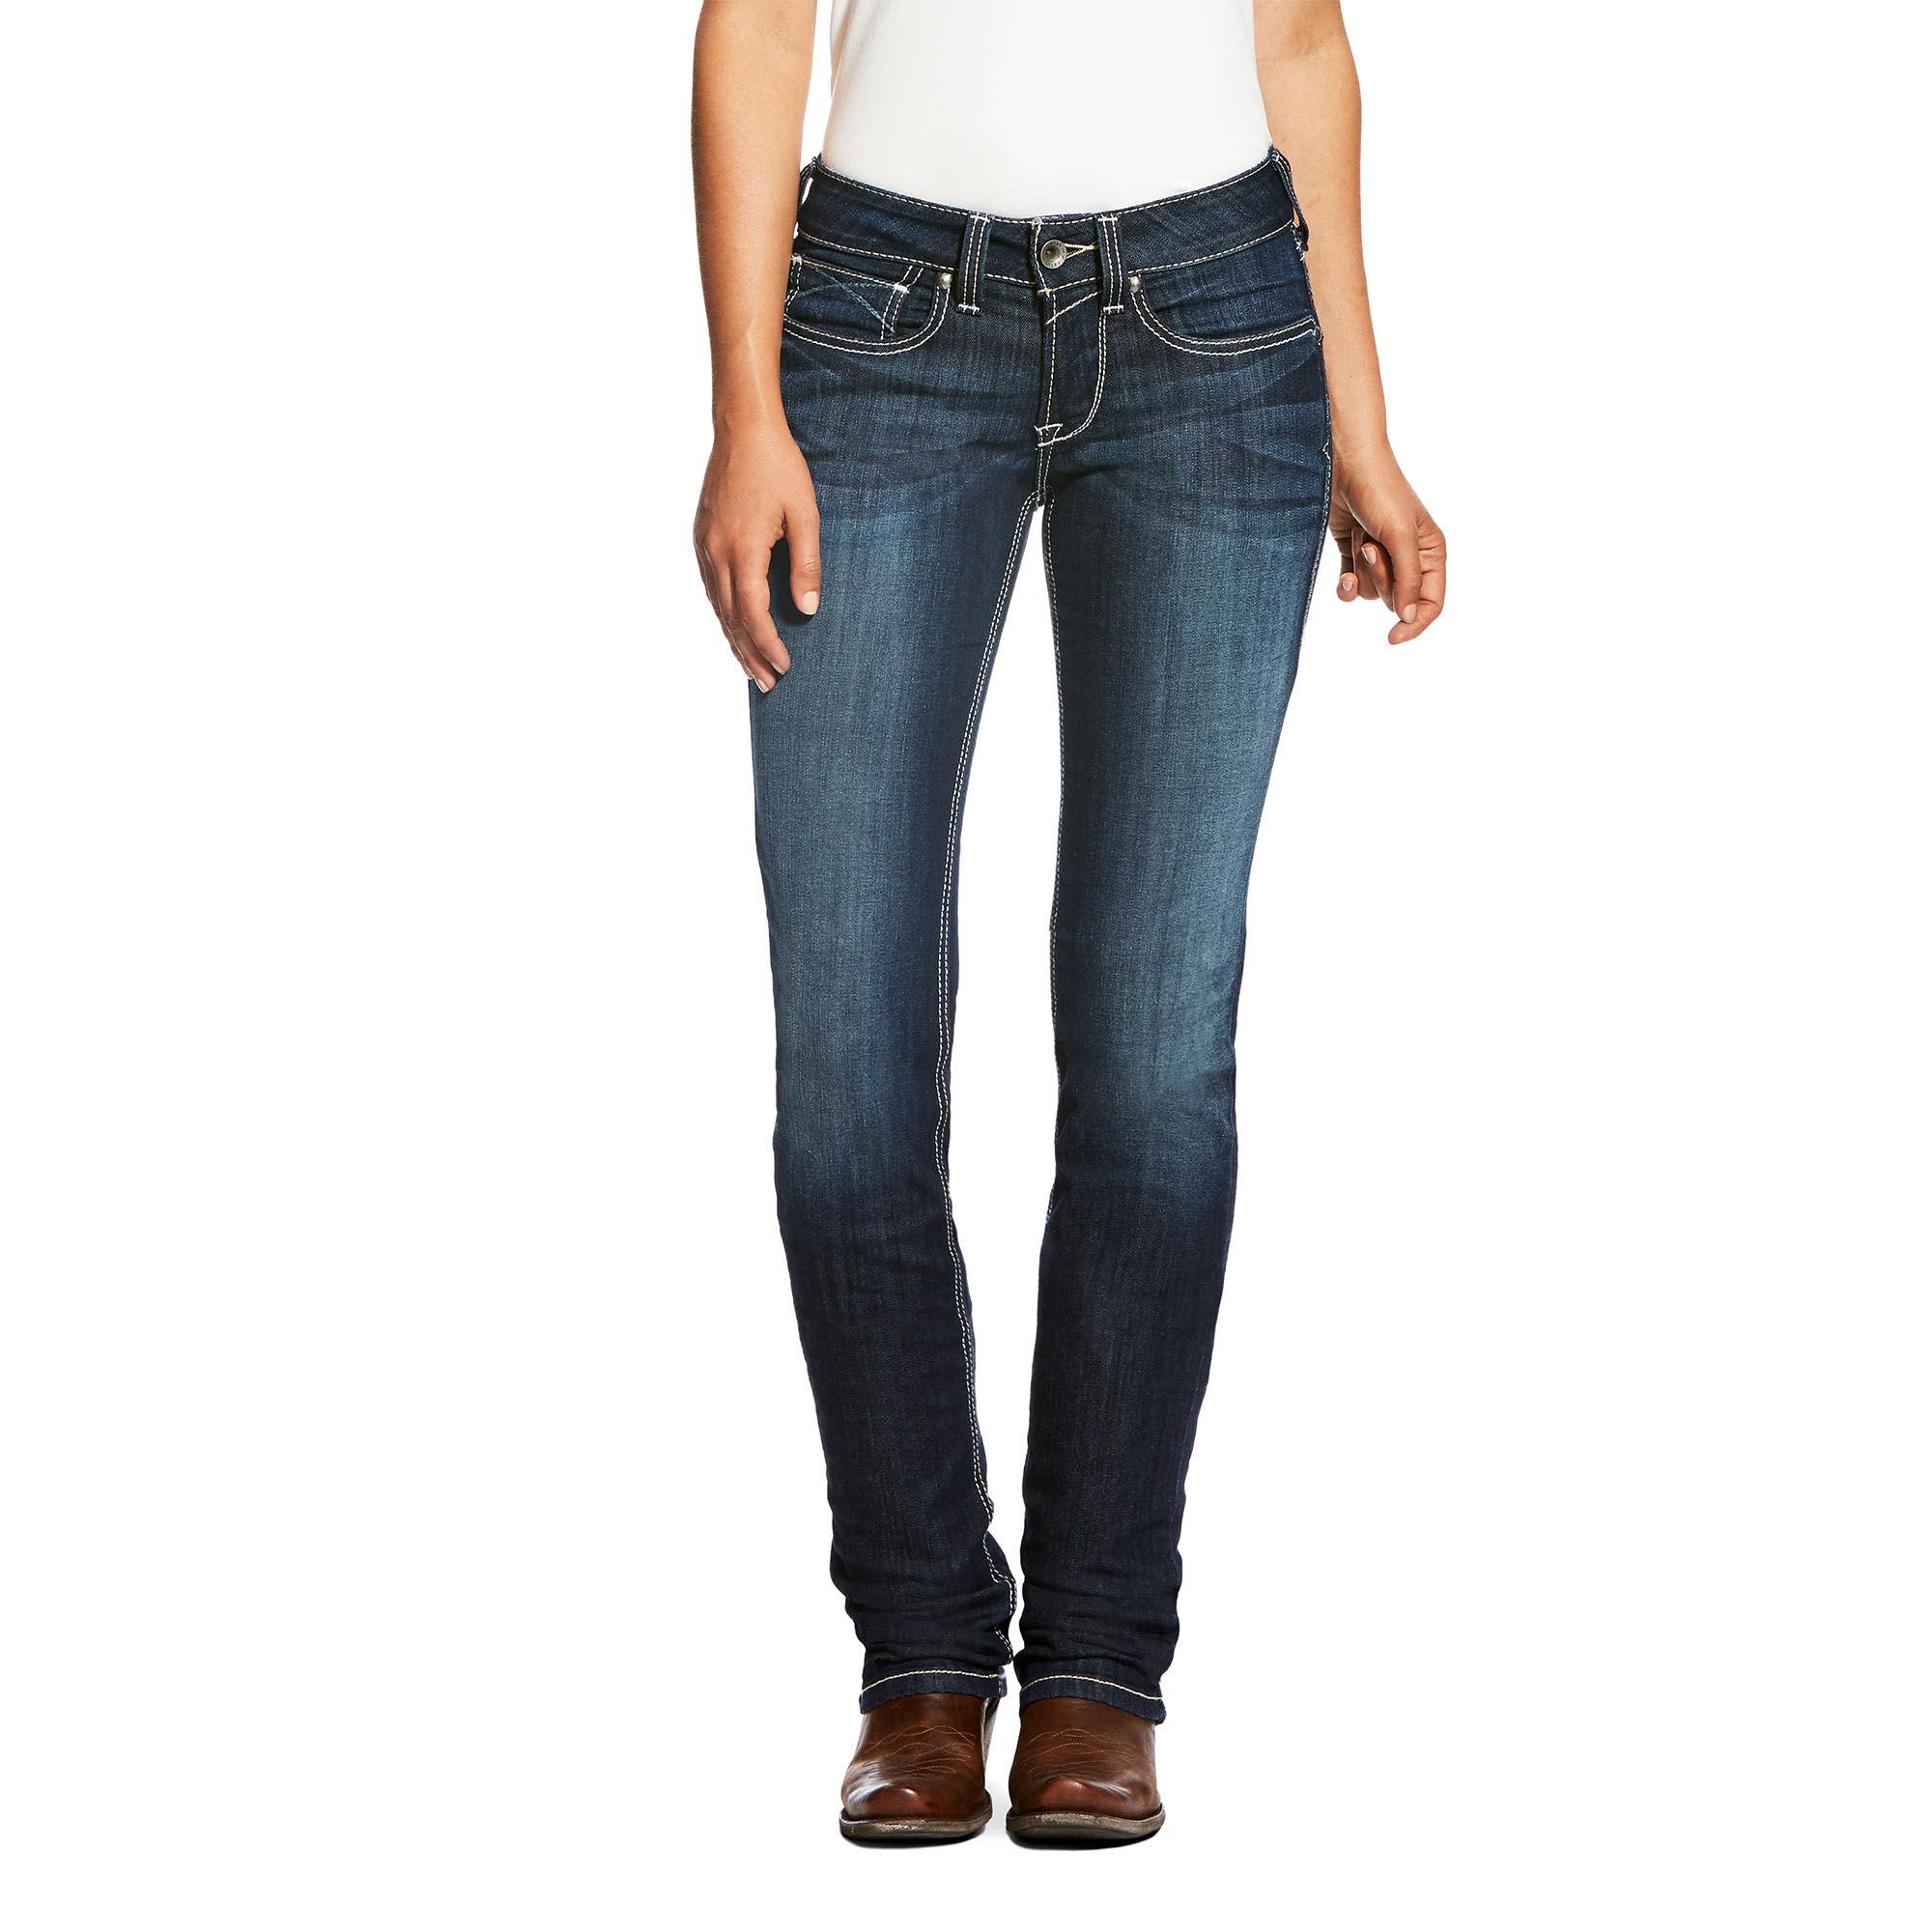 R.E.A.L Mid Rise Ella Stackable Straight Leg Jean